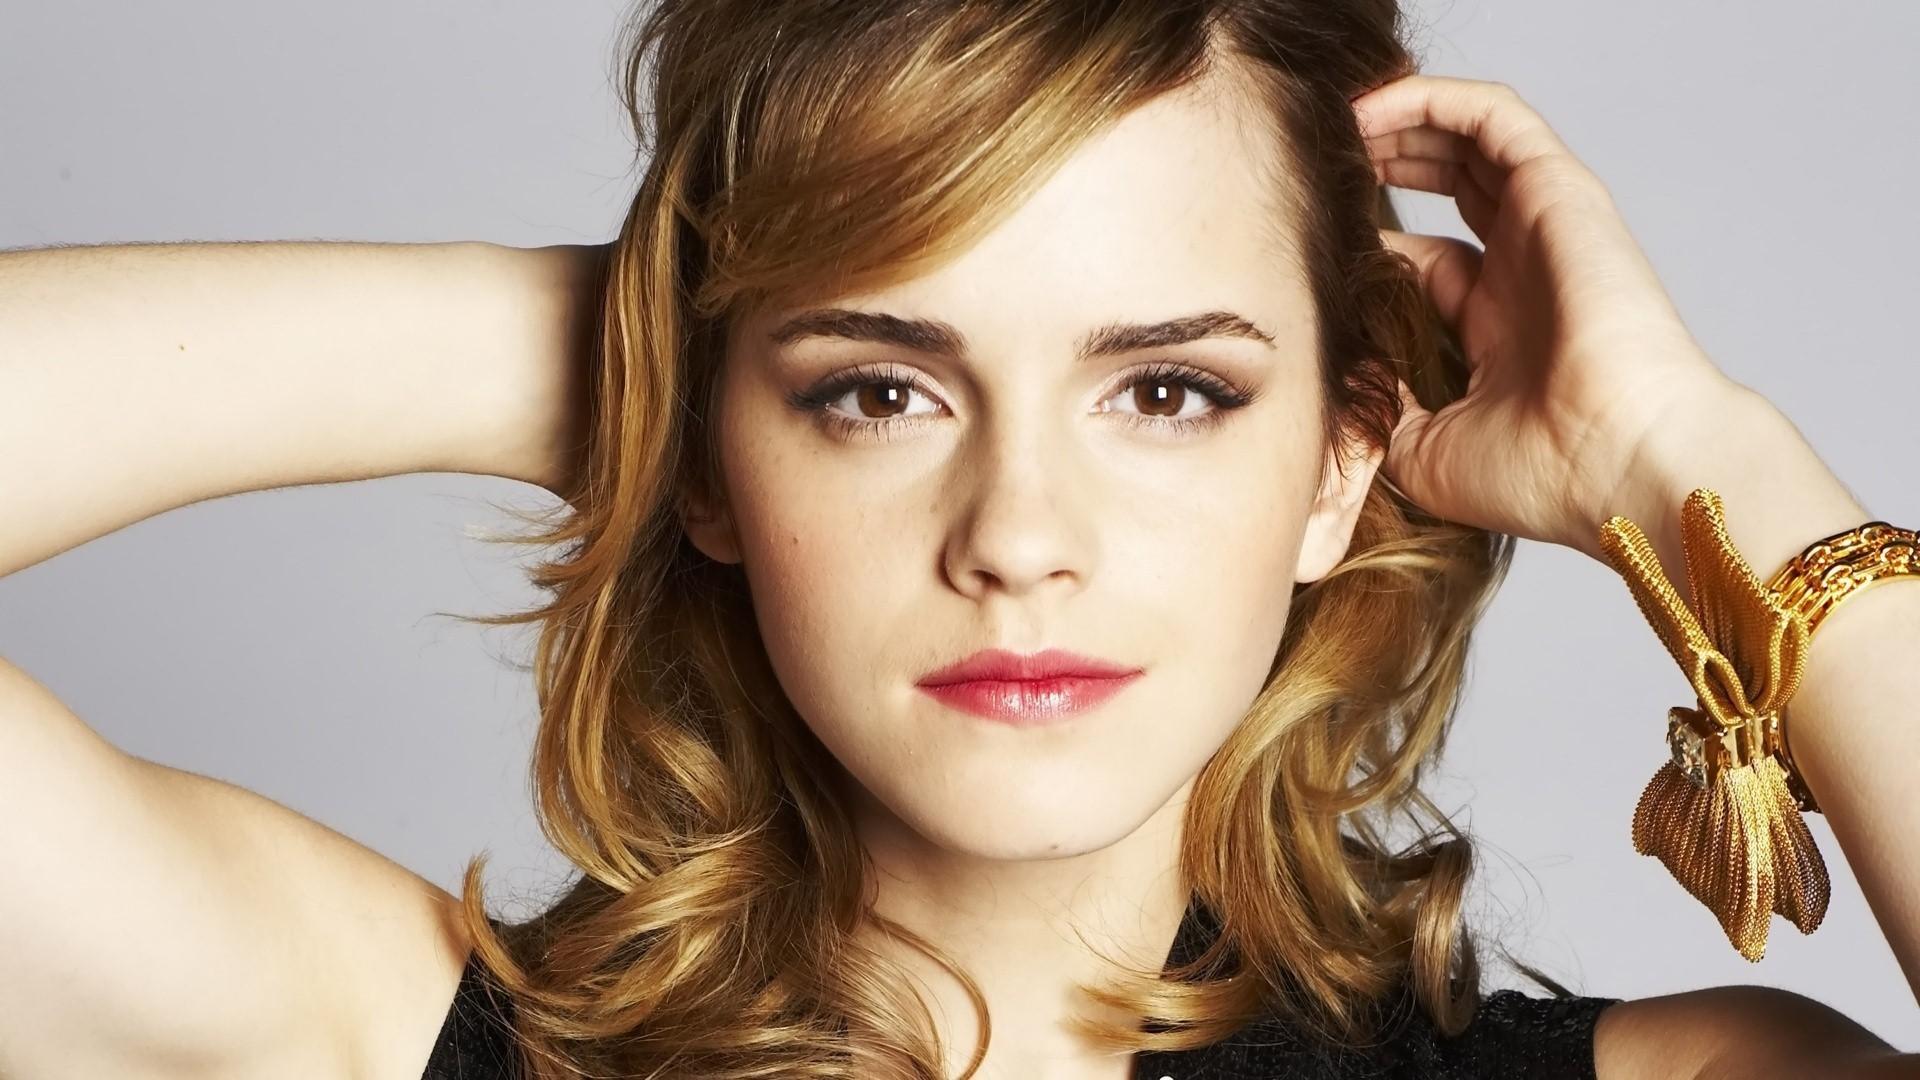 Emma Watson Celebrity Wallpaper 50390 1920x1080px